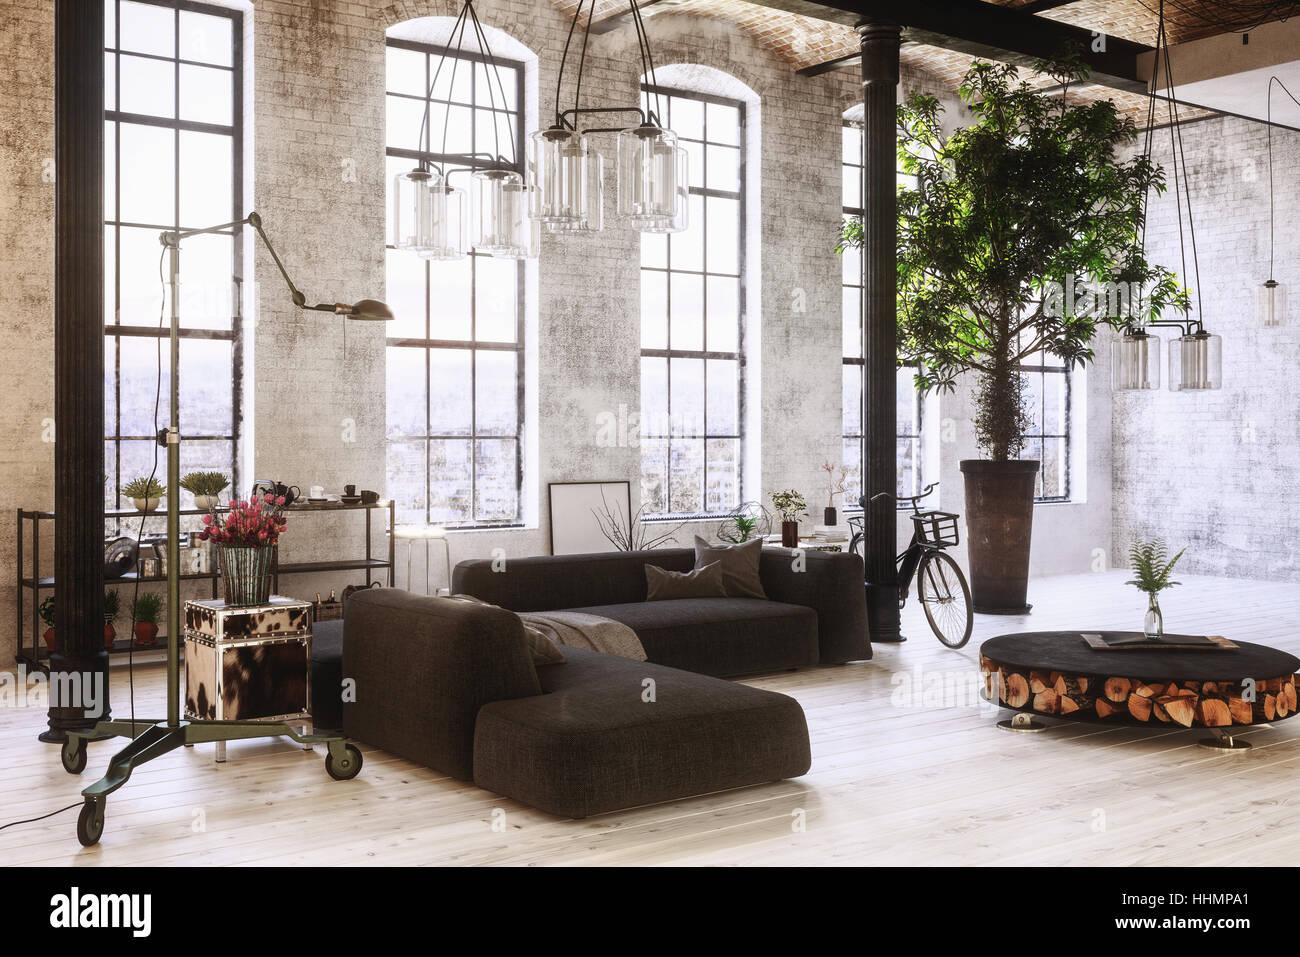 Große geräumige konvertierten industriellen Loft Interieur mit hohen ...